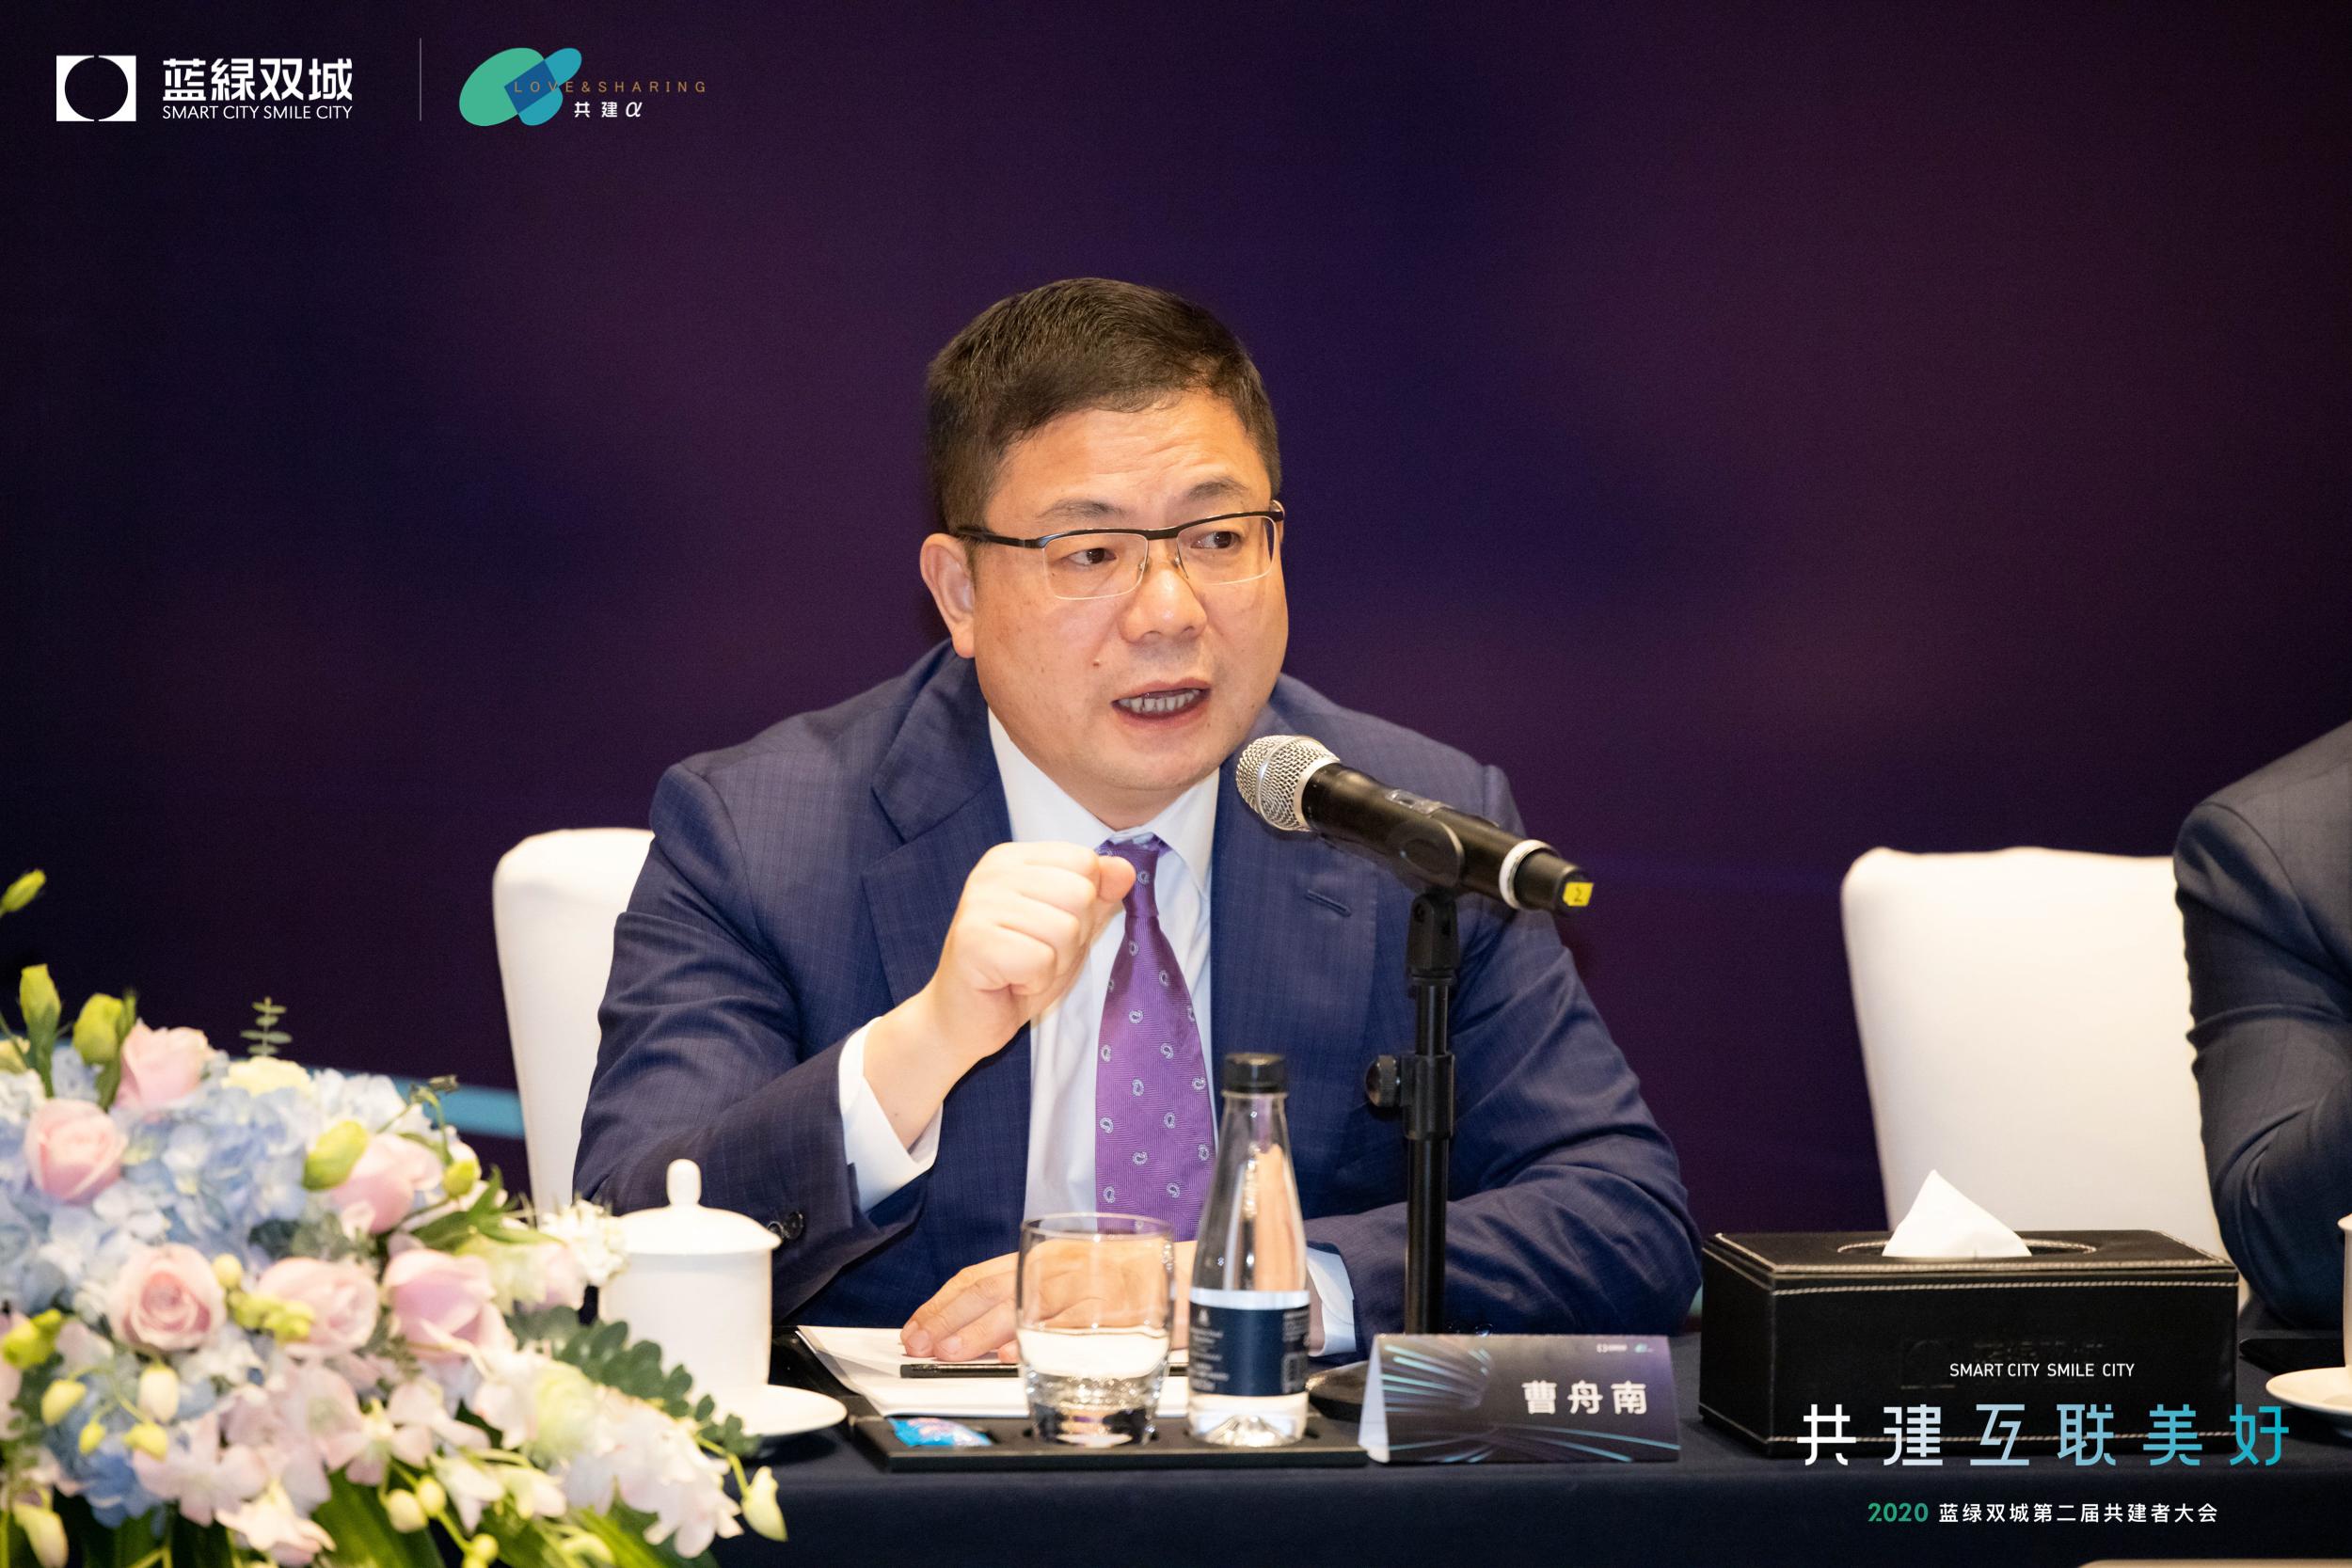 企示录|共建互联 蓝绿双城剑指新生态-中国网地产